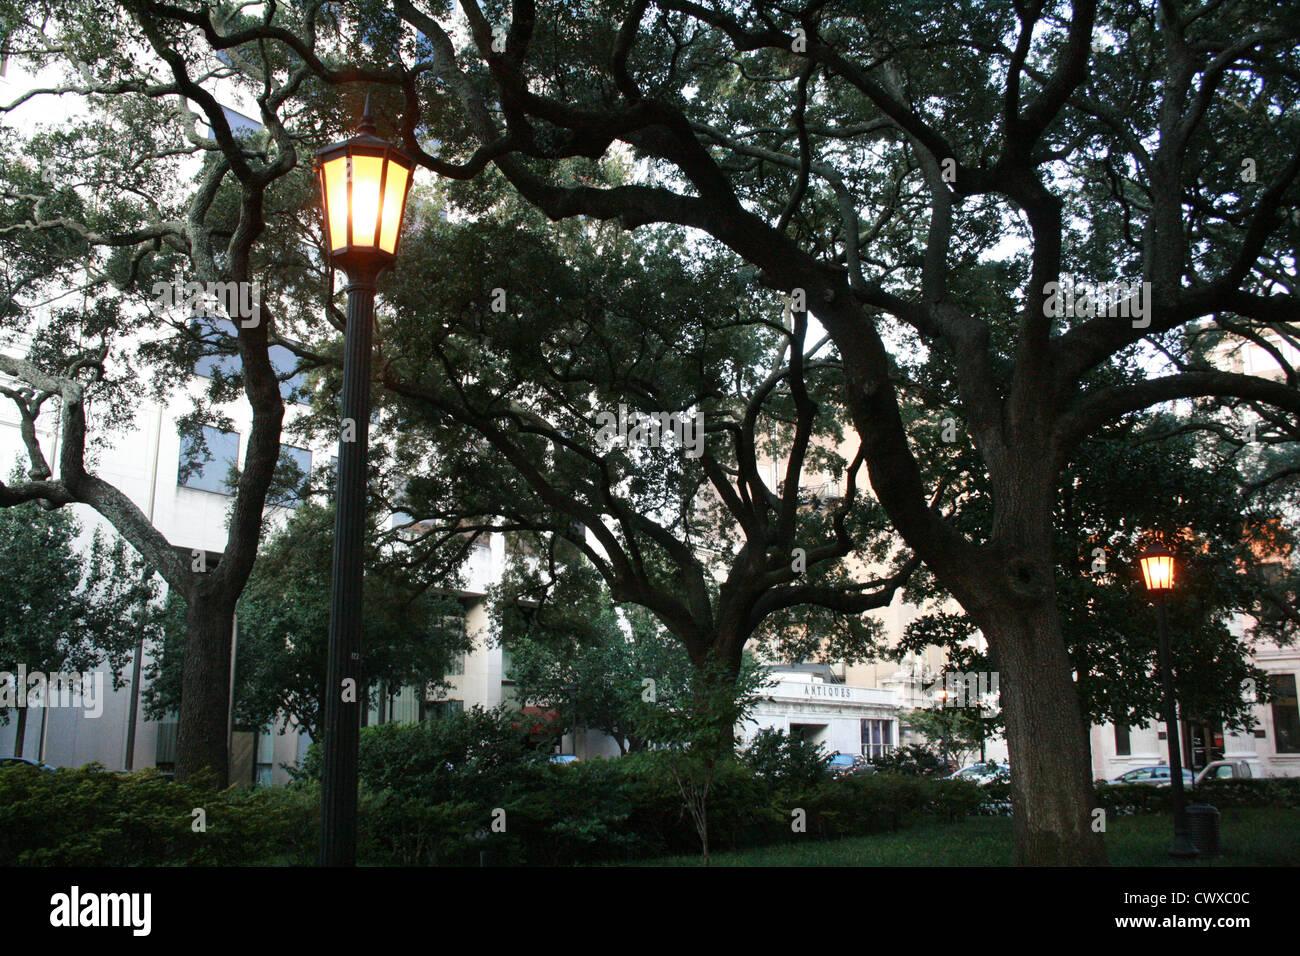 Straßenlaterne Abend Moos Eichen Savannah Georgia Ga fallen Herbst Blätter Nahaufnahme Baum Blätter Natur Stockfoto